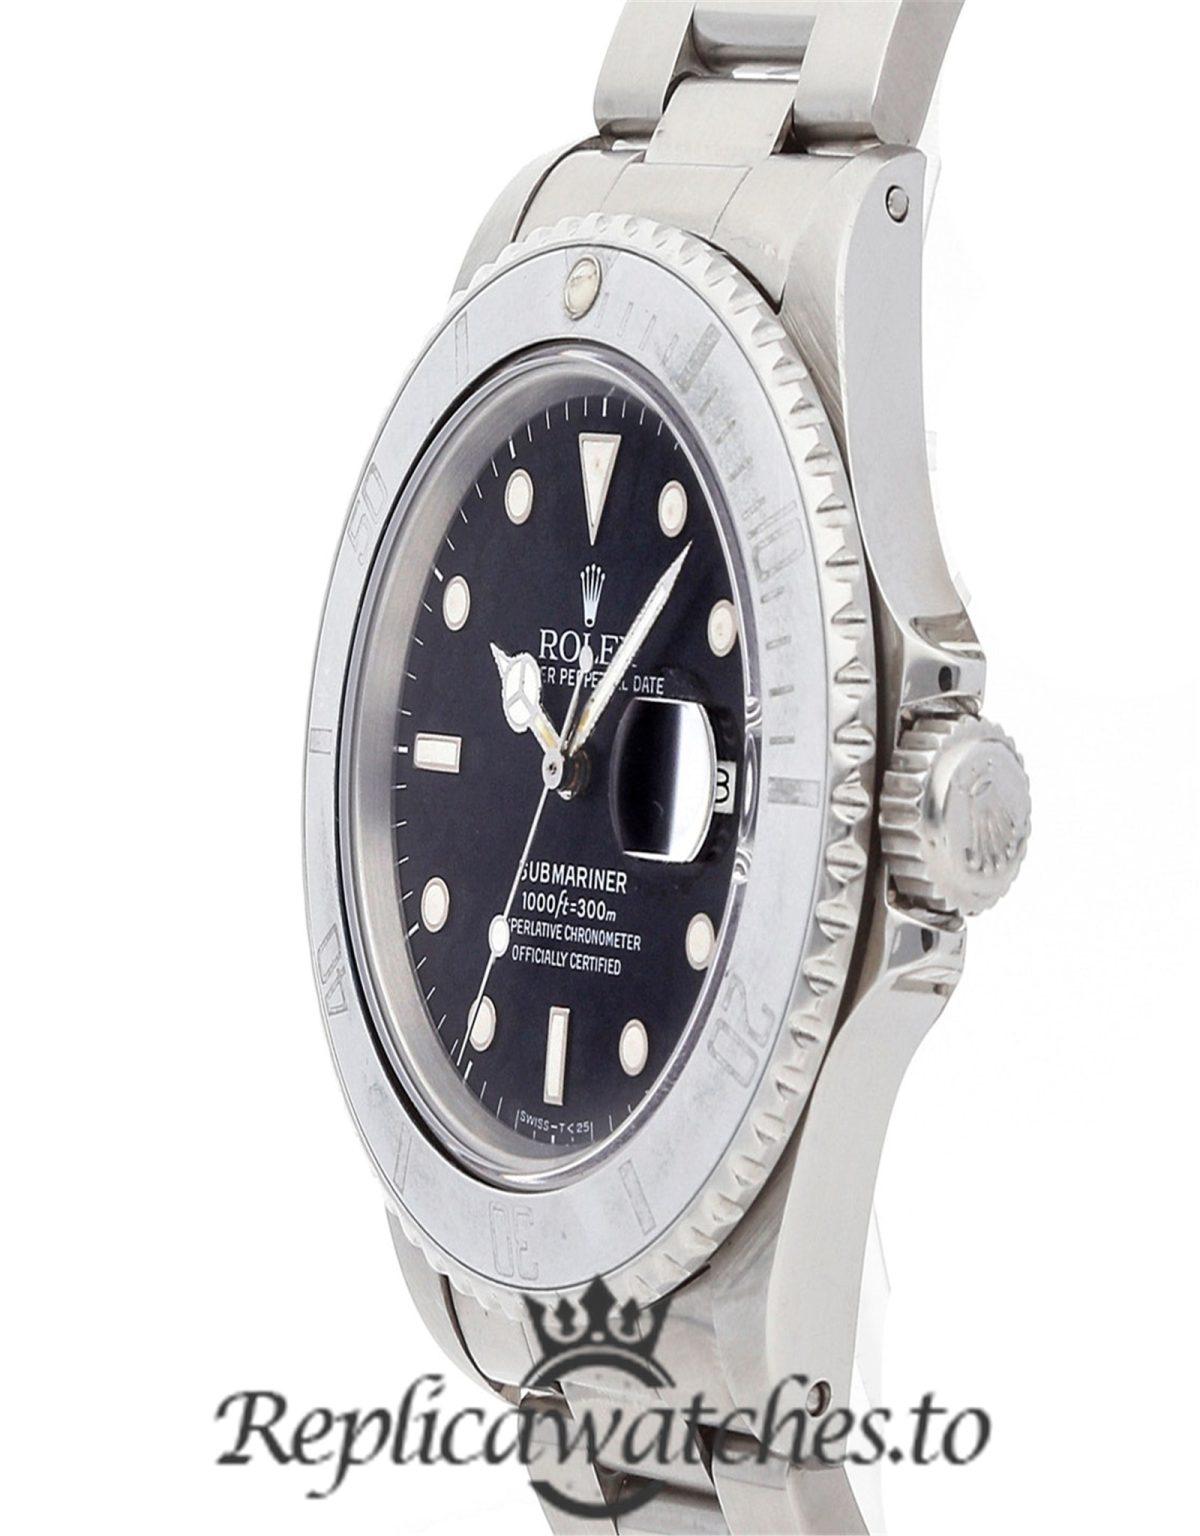 Rolex Submariner Replica 16800 001 Silver Strap 40MM